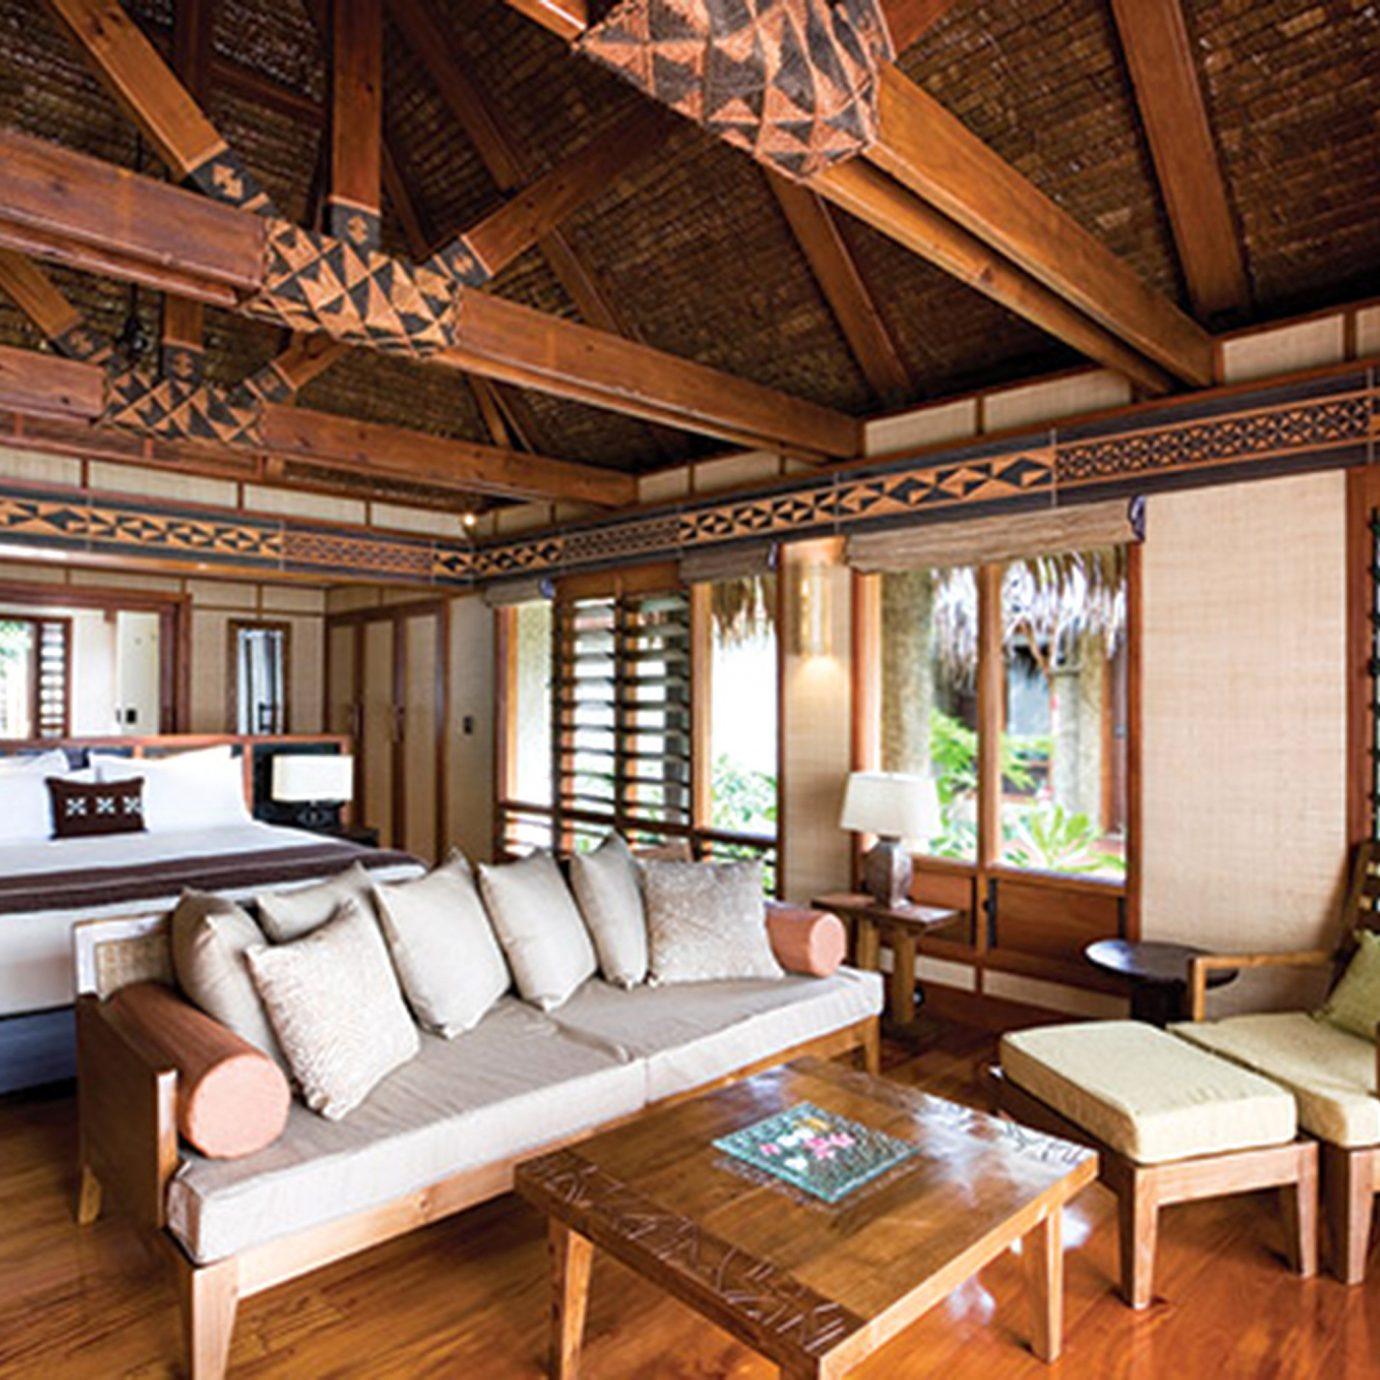 Bedroom Modern Rustic Suite property recreation room living room home Resort cottage mansion Villa